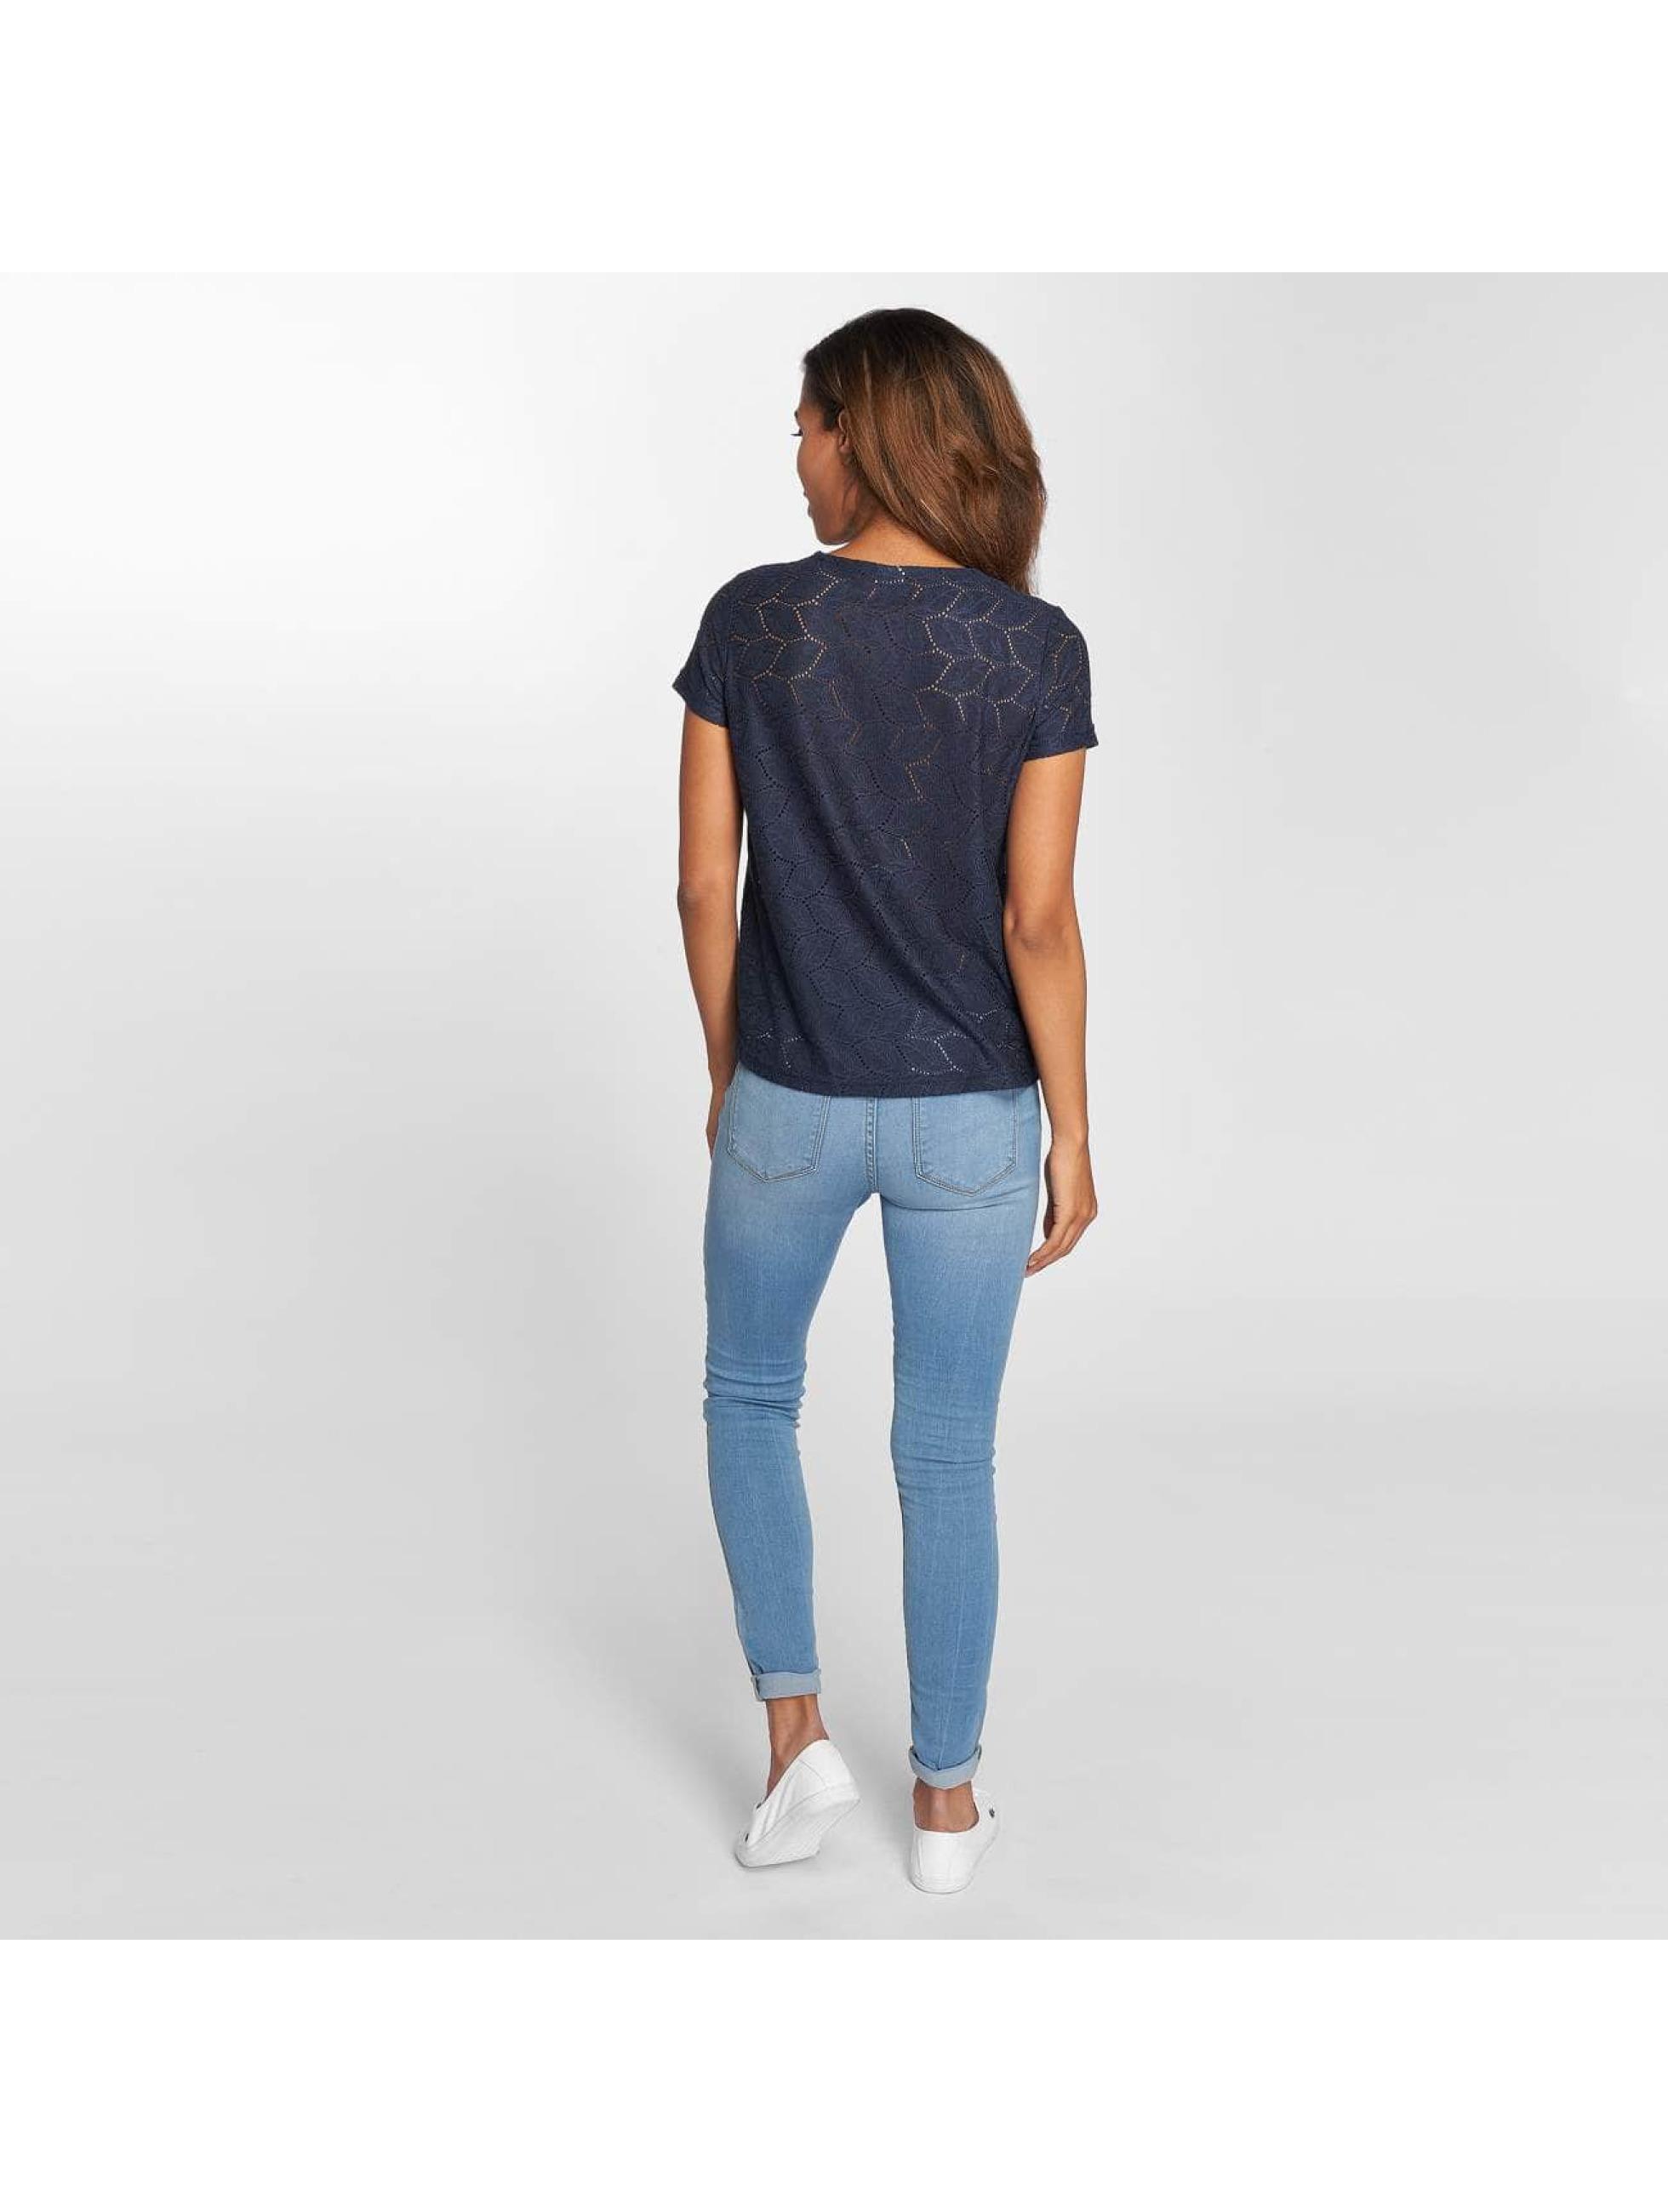 JACQUELINE de YONG T-paidat jdyTag Lace sininen